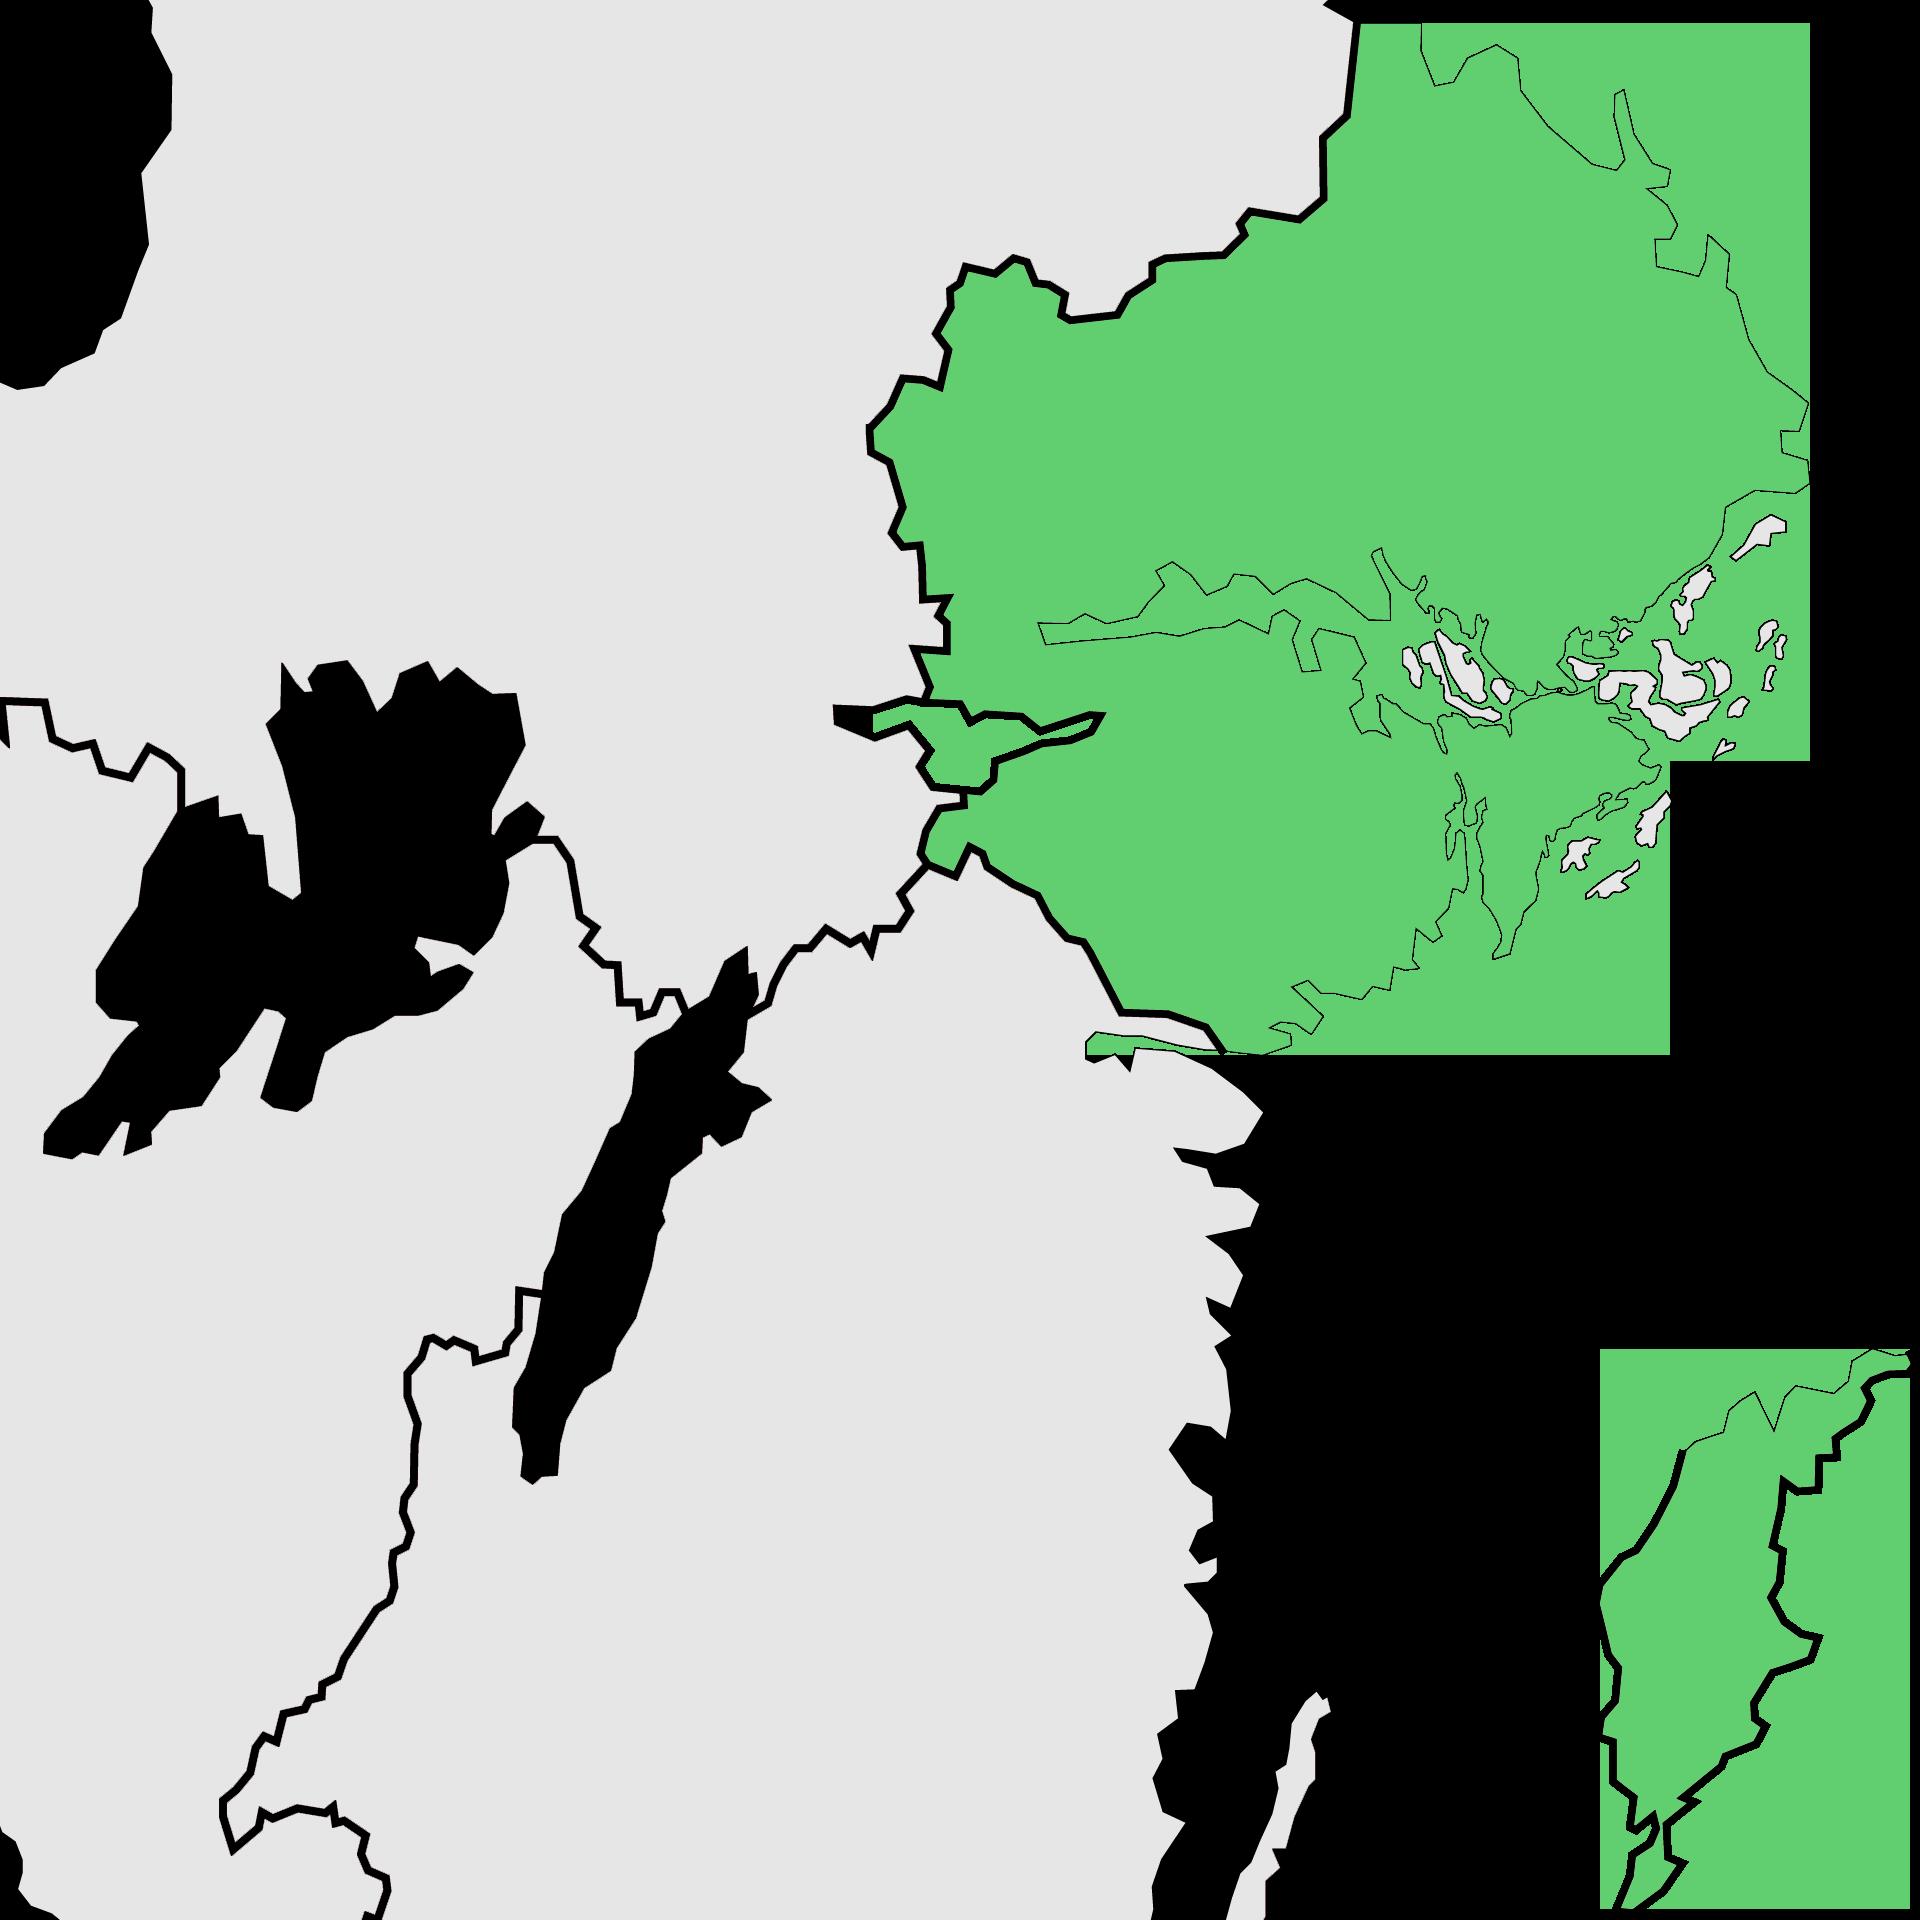 Gotlands och Stockholms län,